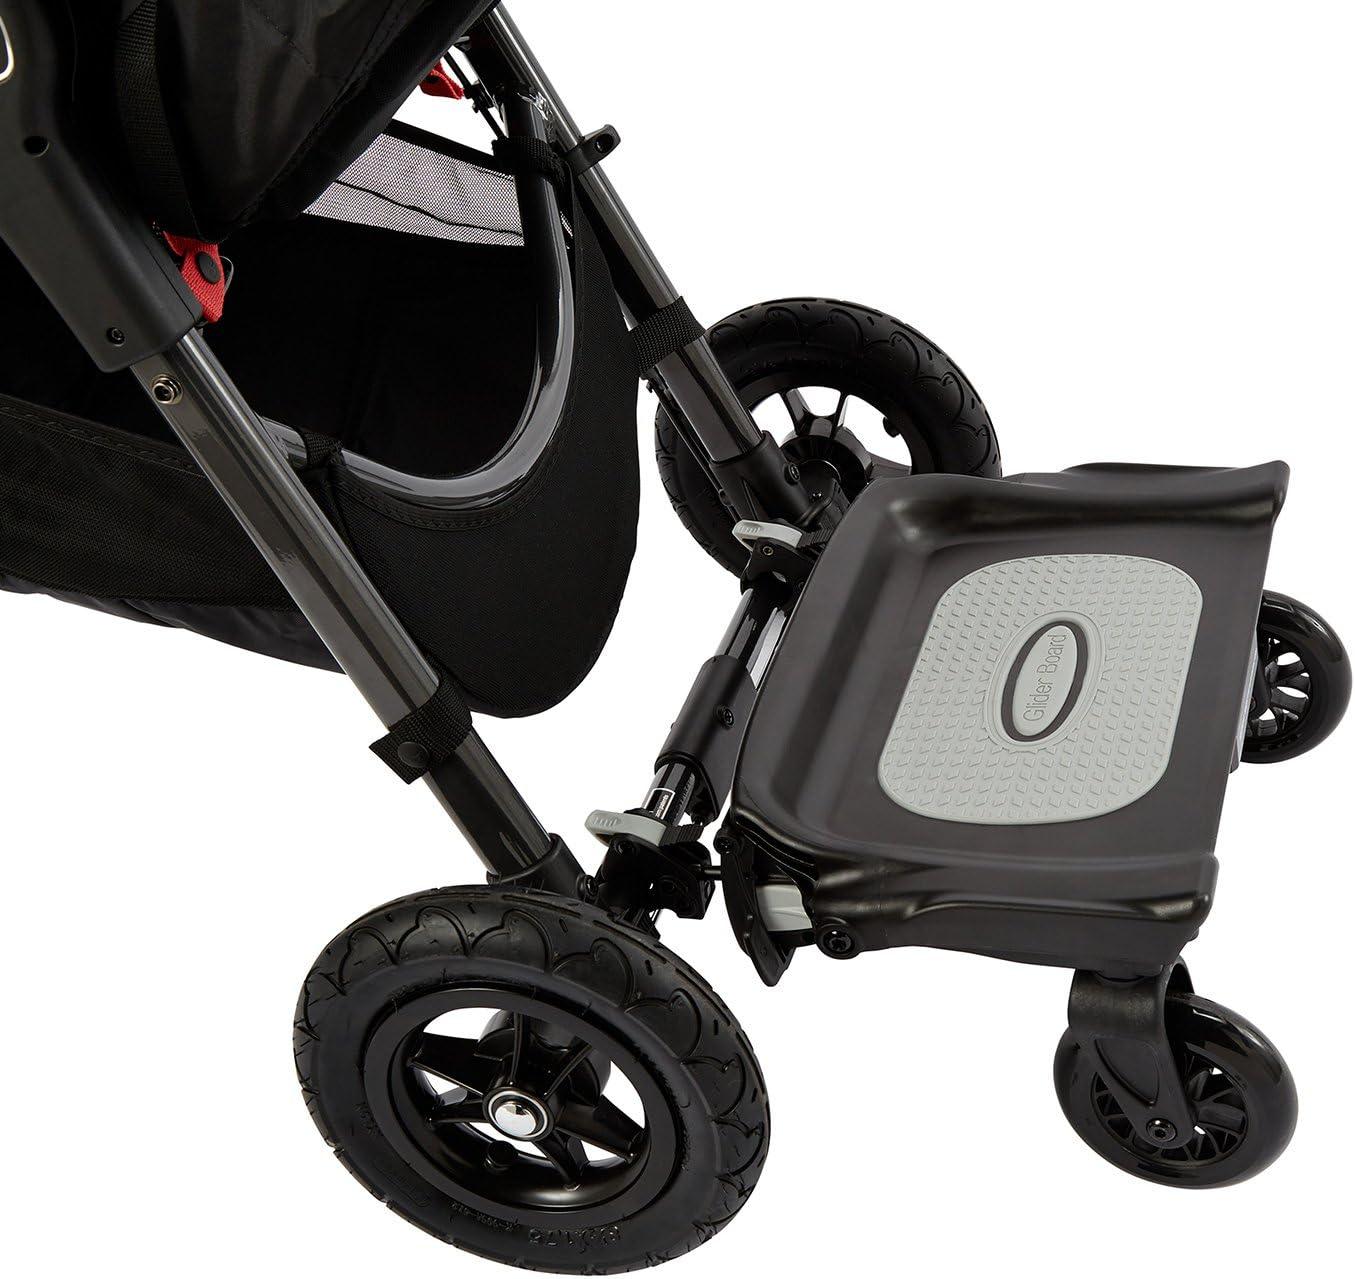 si/ège amovible et assemblage de la p/édale auxiliaire de la poussette Planche /à poussettes avec si/ège debout Baby Jogger ORCCAC Pink